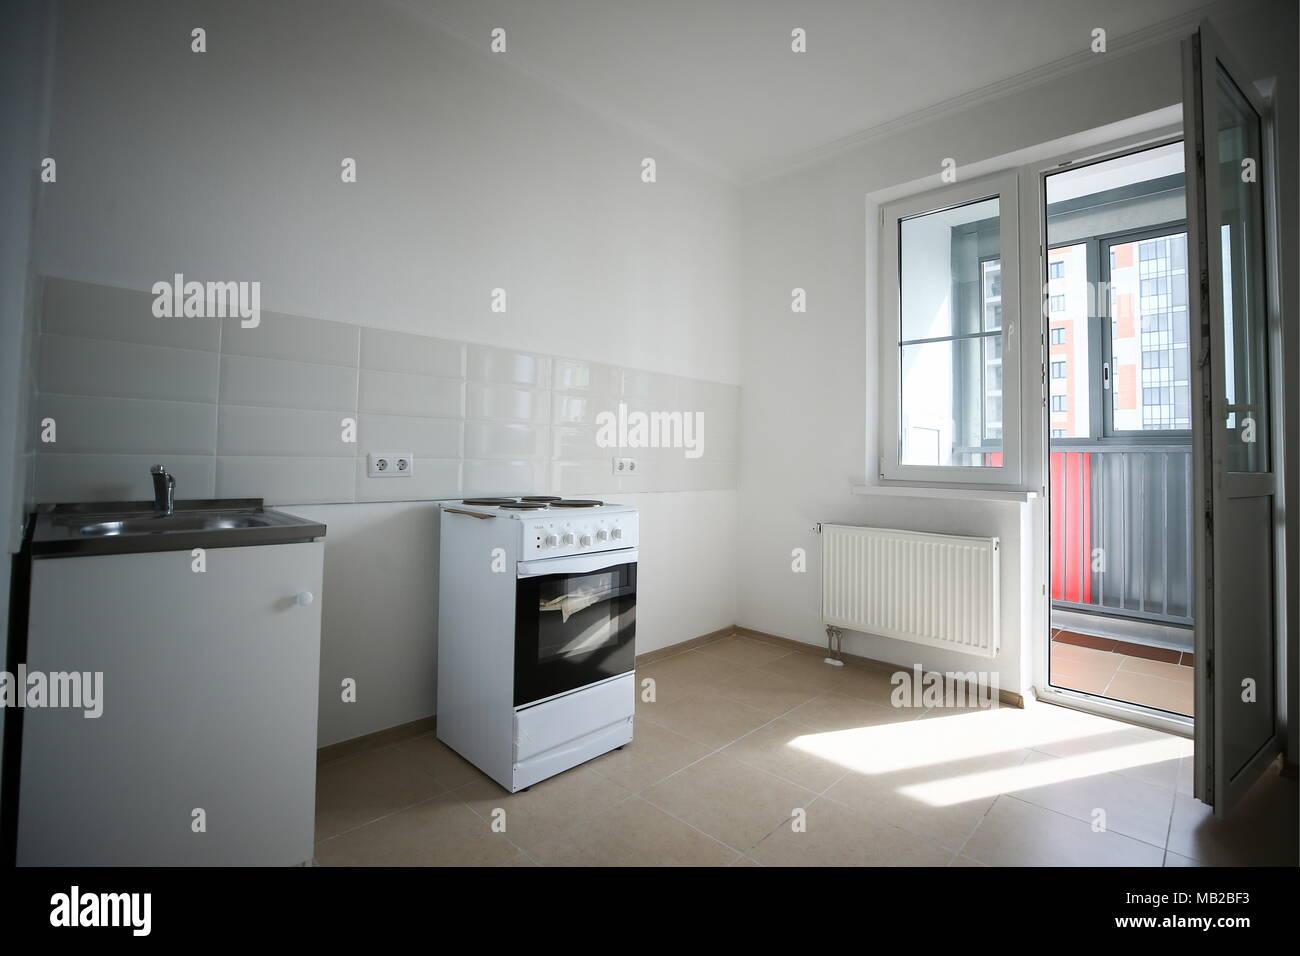 Schön Küche Male Ideen Mit Schwarzen Geräten Galerie - Ideen Für Die ...